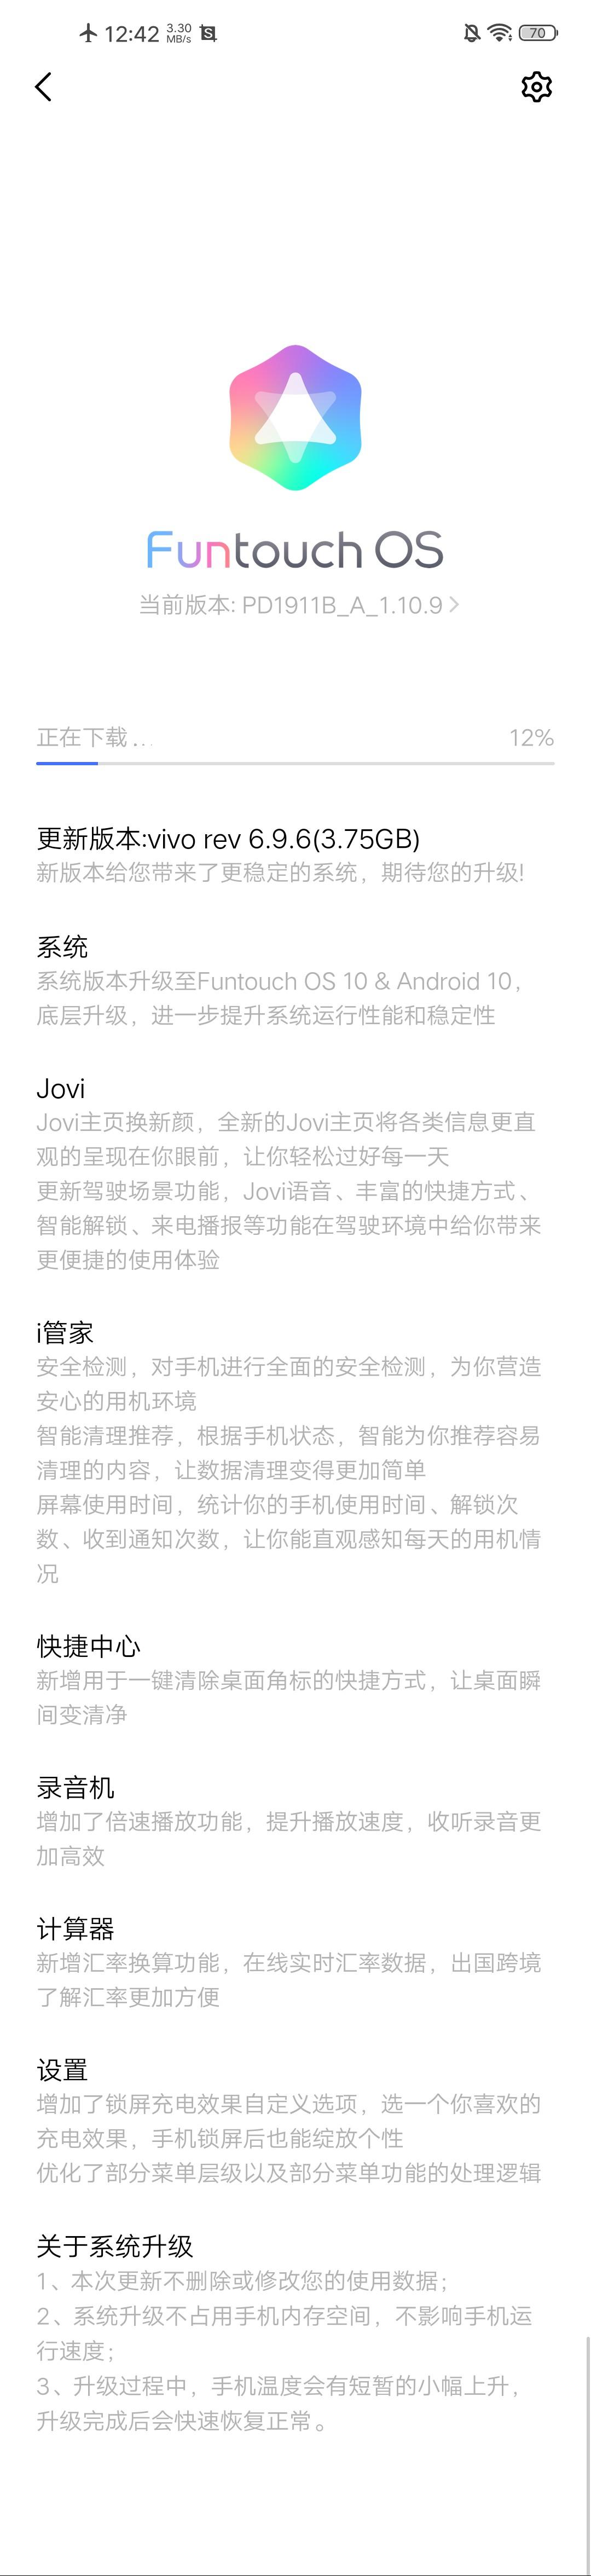 Screenshot_2020_0526_124220.jpg